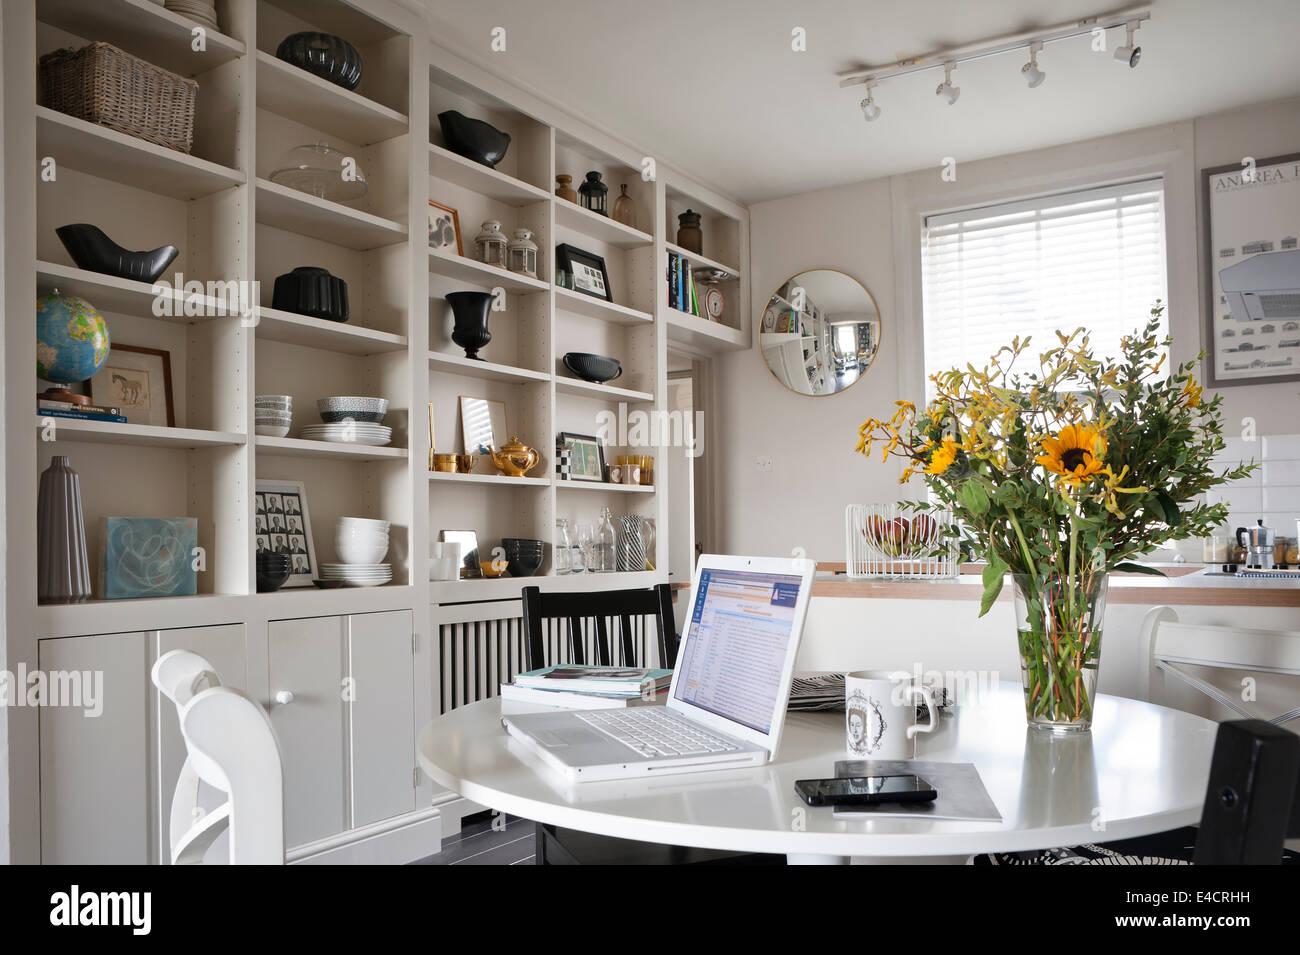 Ordinateur Portable Sur La Table Ikea Blanc En Cuisine Ouverte Et Salle A Manger Avec Des Rayonnages Ouverts Et Miroir Convexe Photo Stock Alamy